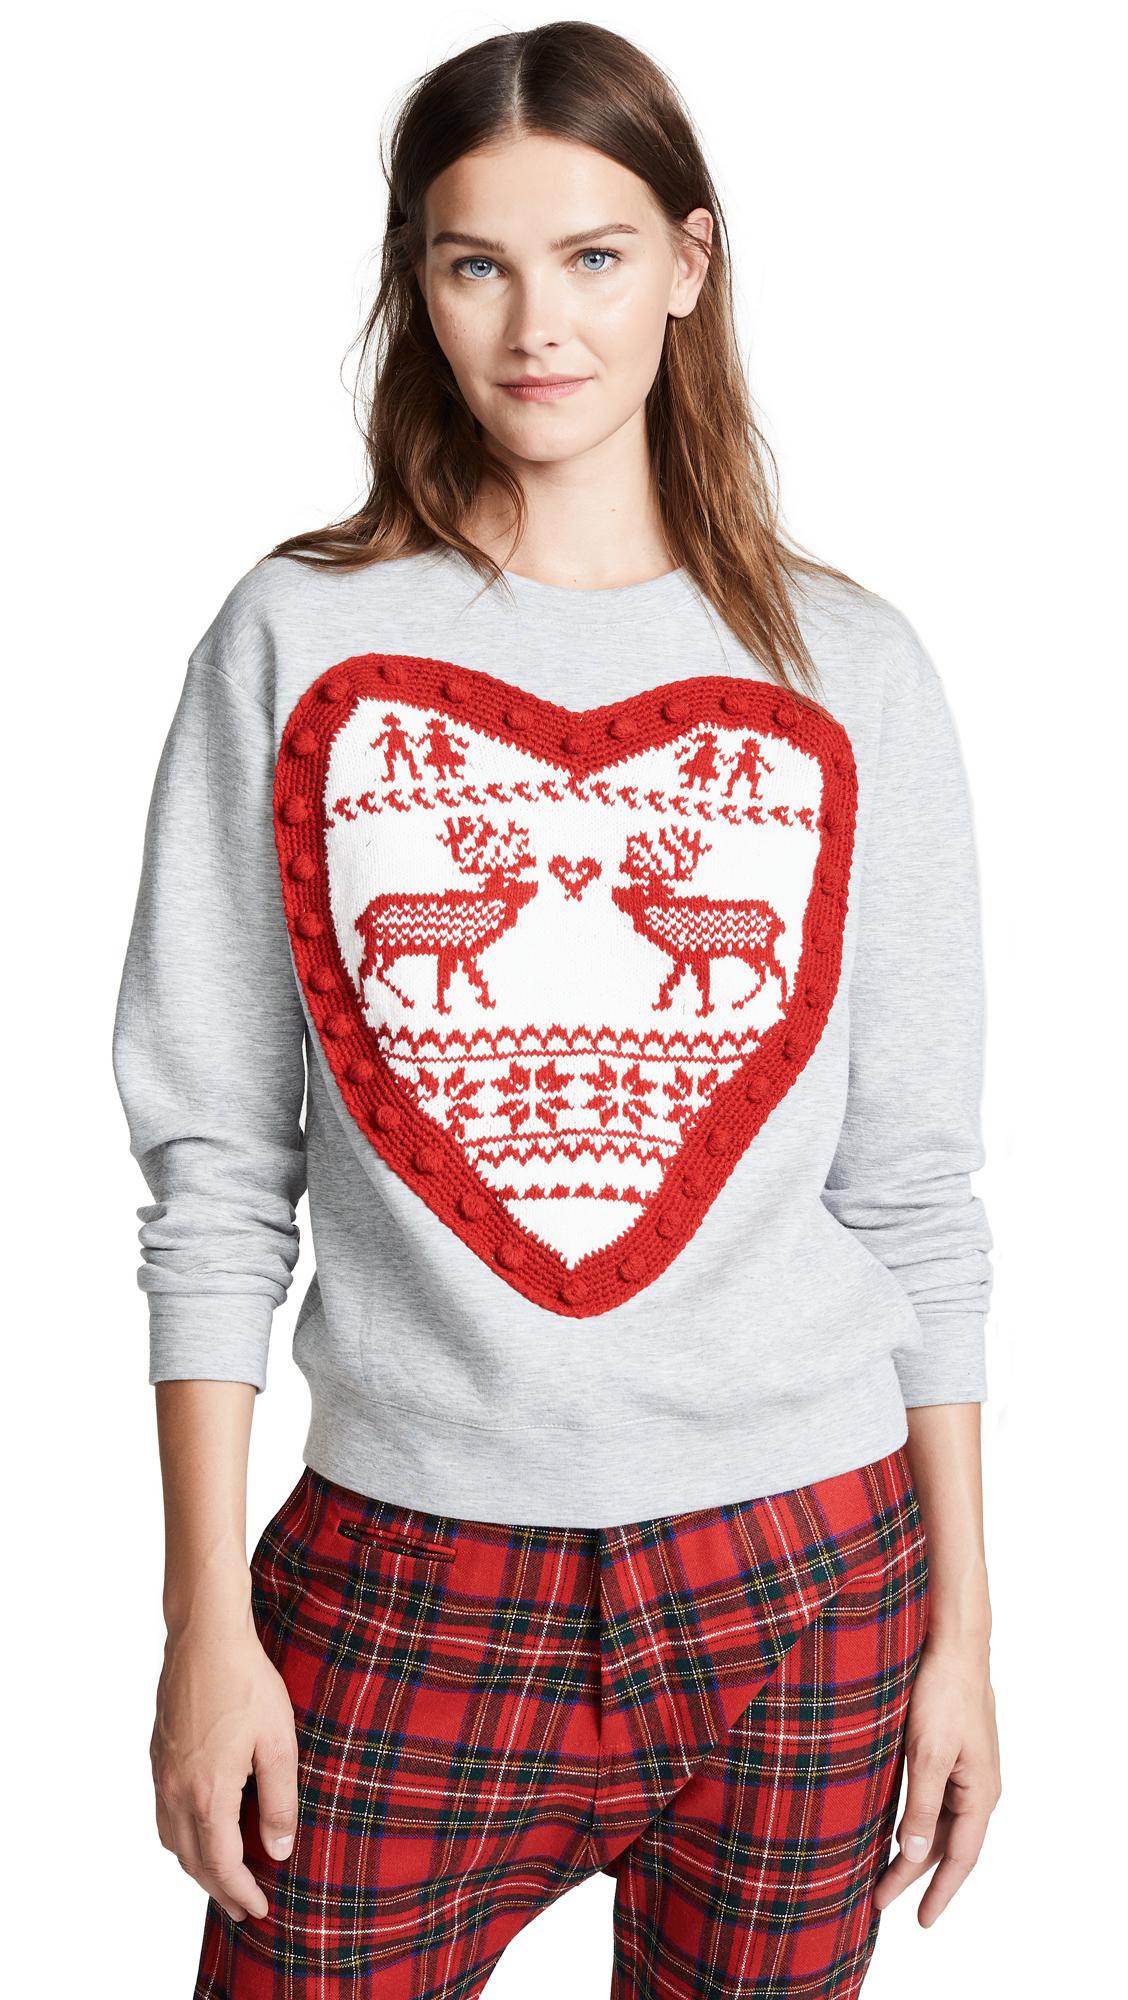 Michaela Buerger Heart Sweatshirt In Light Grey